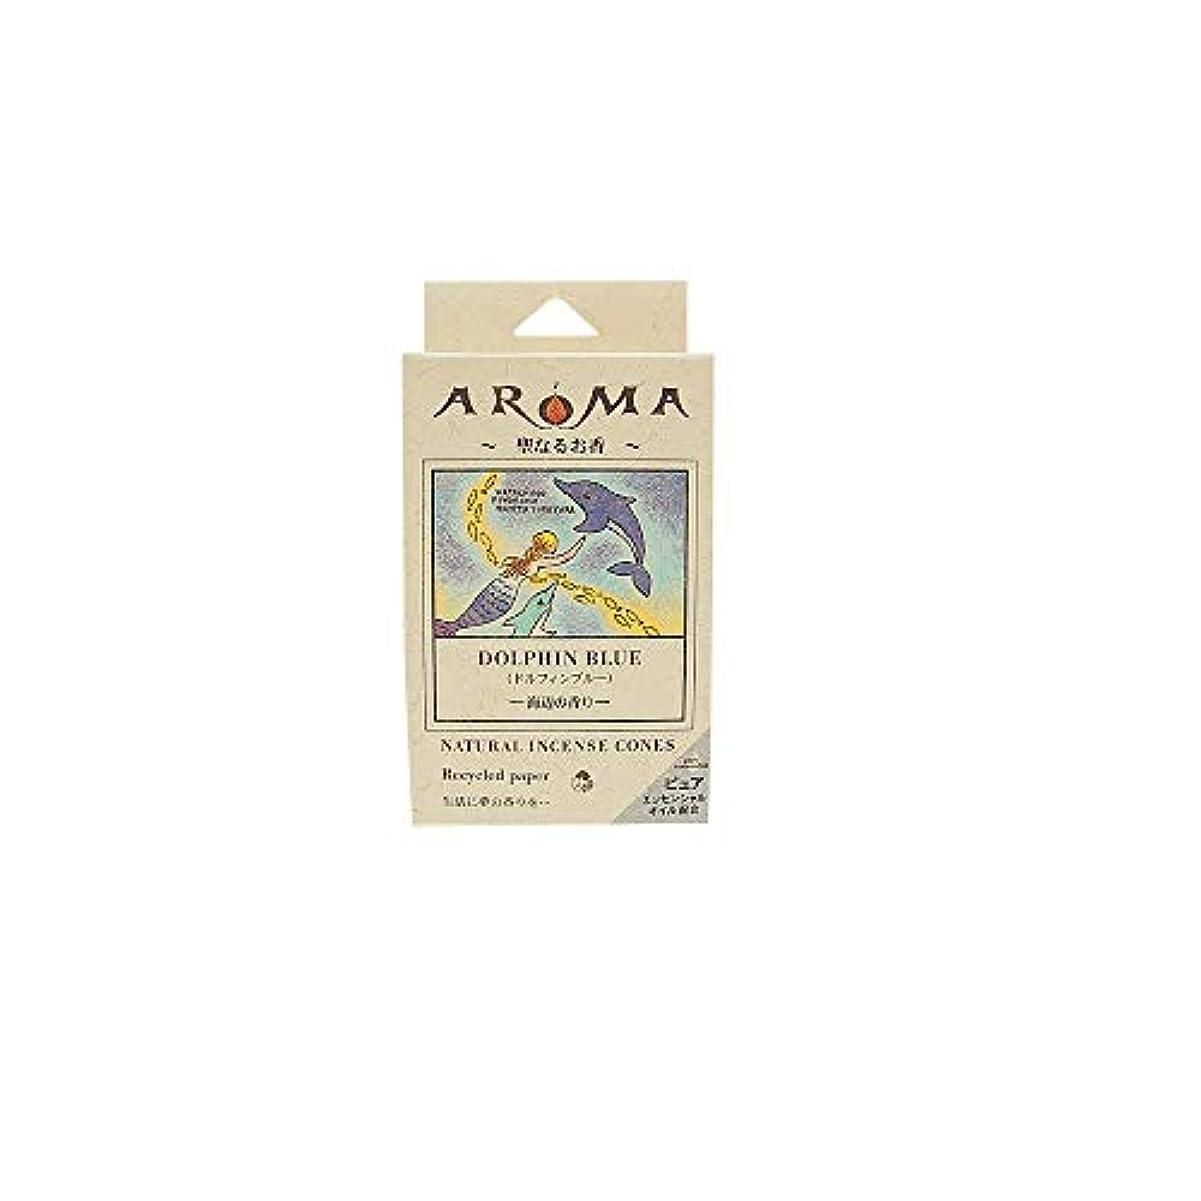 ヘルパー詐欺チェリーアロマ香 ドルフィンブルー 16粒(コーンタイプインセンス 1粒の燃焼時間約20分 海辺の香り)